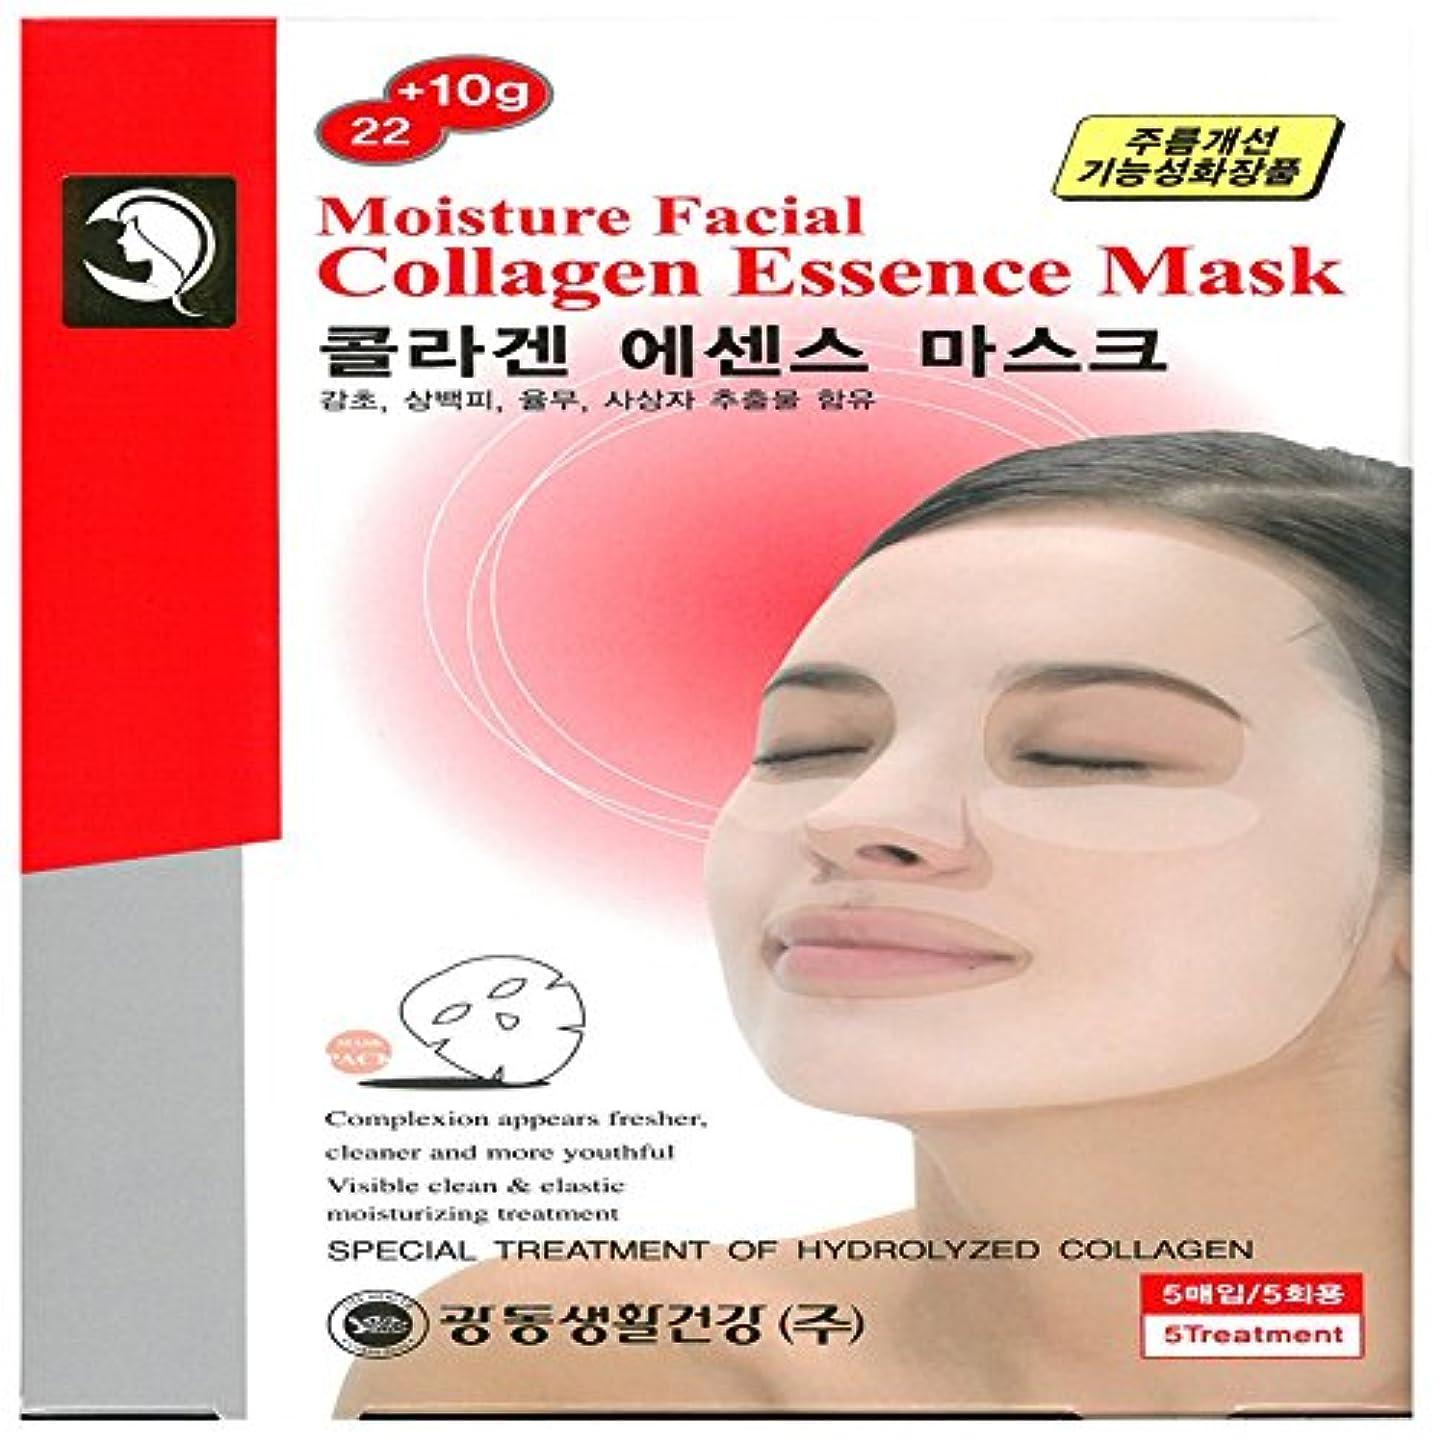 明るくする破滅的なスペア[光東] kwangdong モイスチャーフェイシャルコラーゲンエッセンスマスク Moisture Facial Collagen Essence Mask 32gX5ea (海外直送品) [並行輸入品]